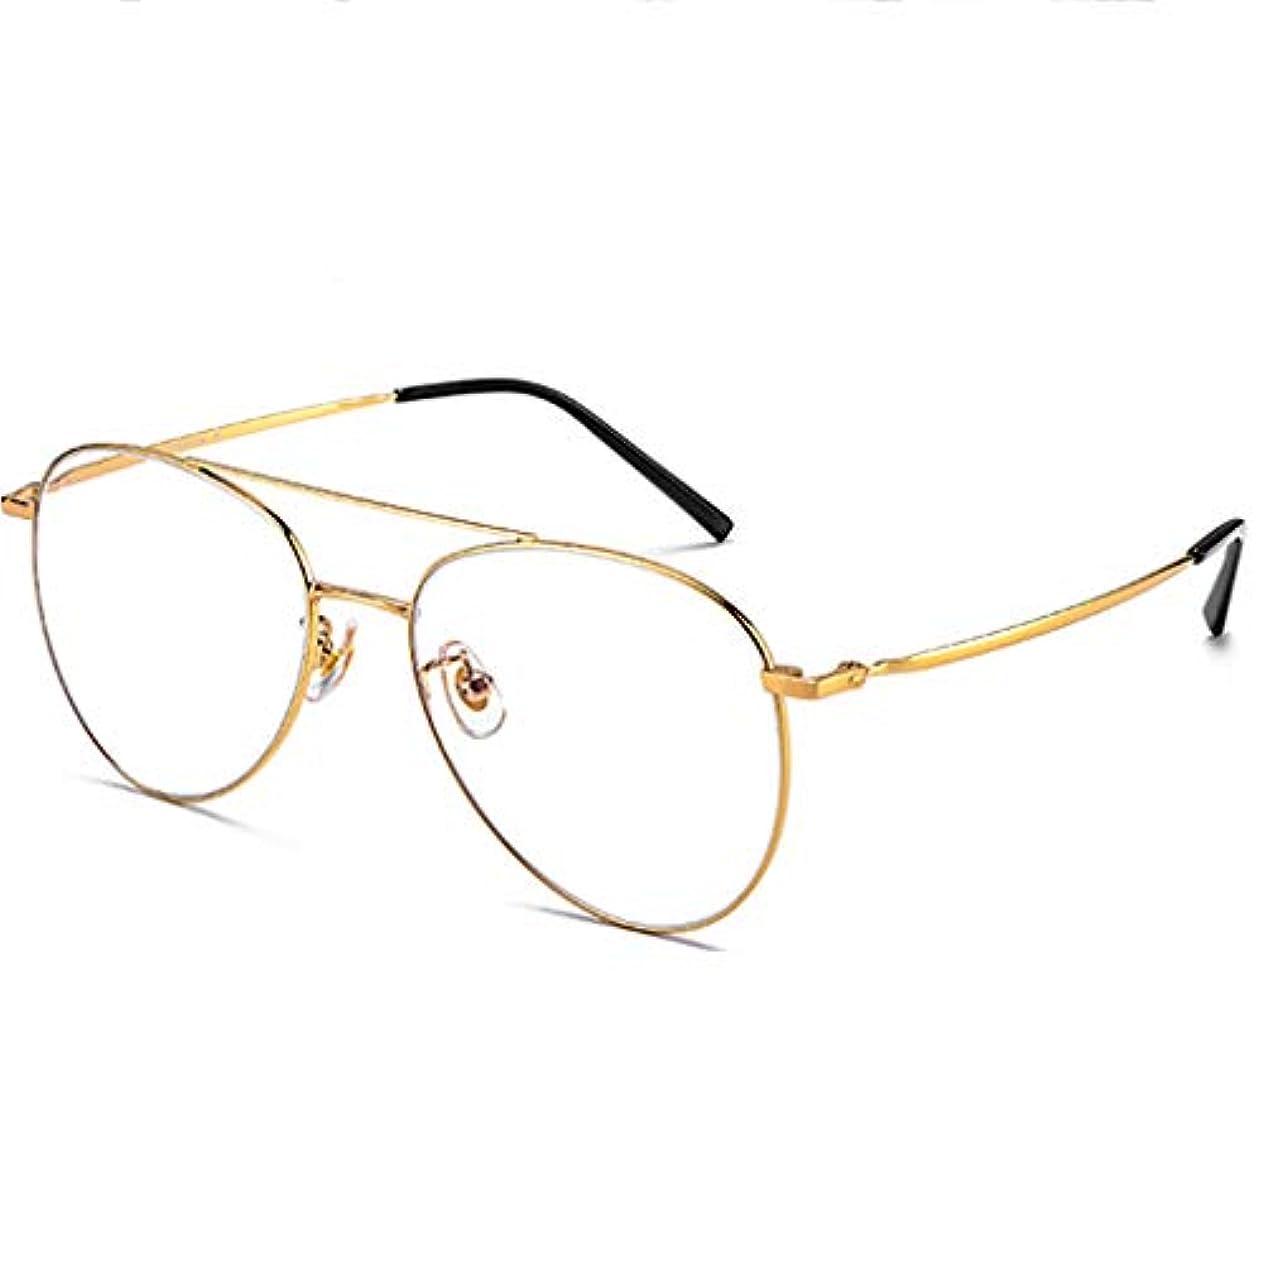 コンテスト再集計バケット男性用老眼鏡遠近両用インテリジェントカラーレンズ、抗疲労クリアワイドビュー、老眼鏡またはサングラス収納アクセサリー-黒と金+ 1.0、+ 2.0、+ 3.0